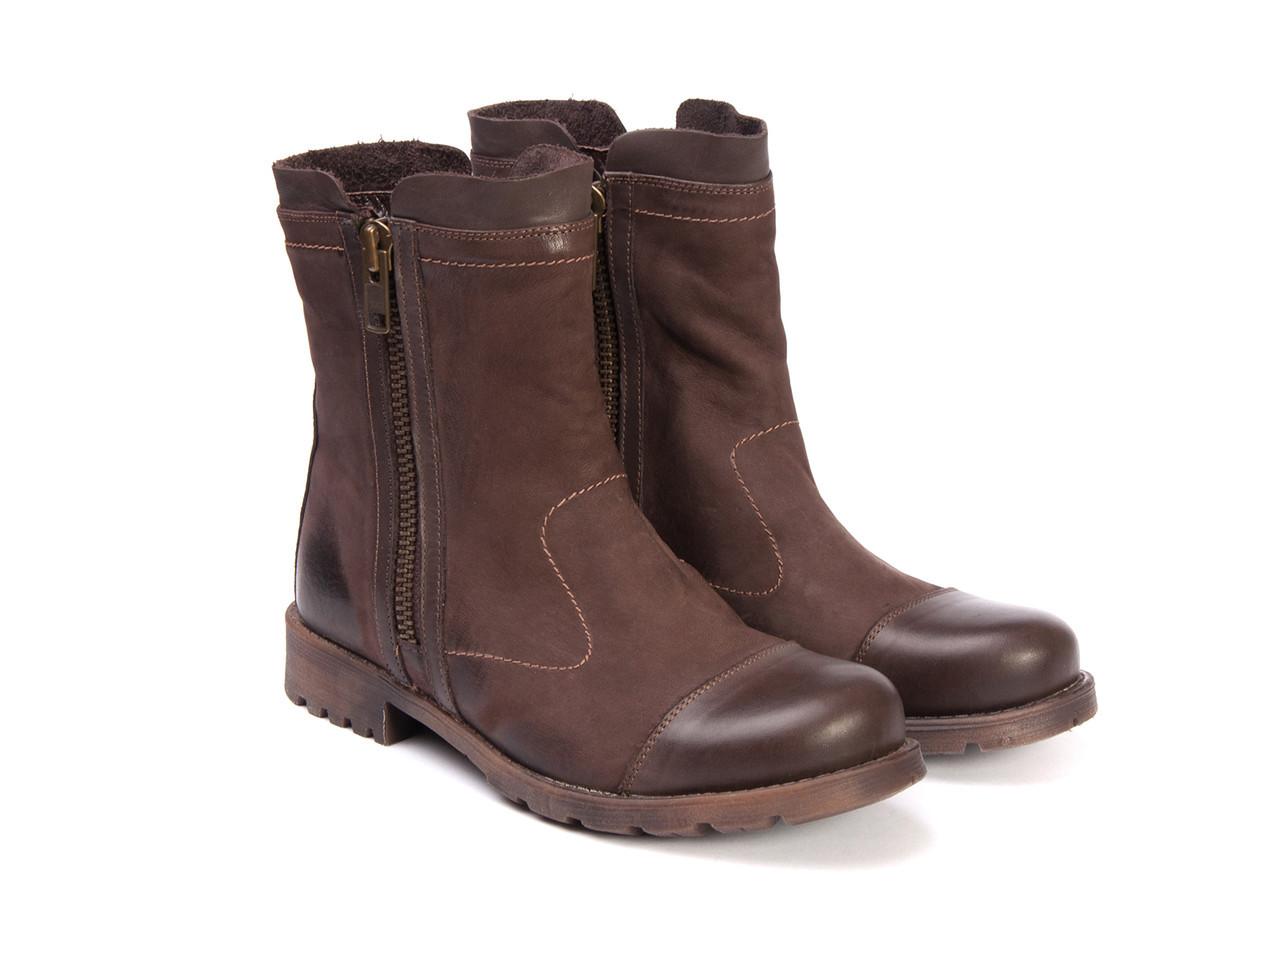 Сапоги  Etor 10074-3410 43 коричневые